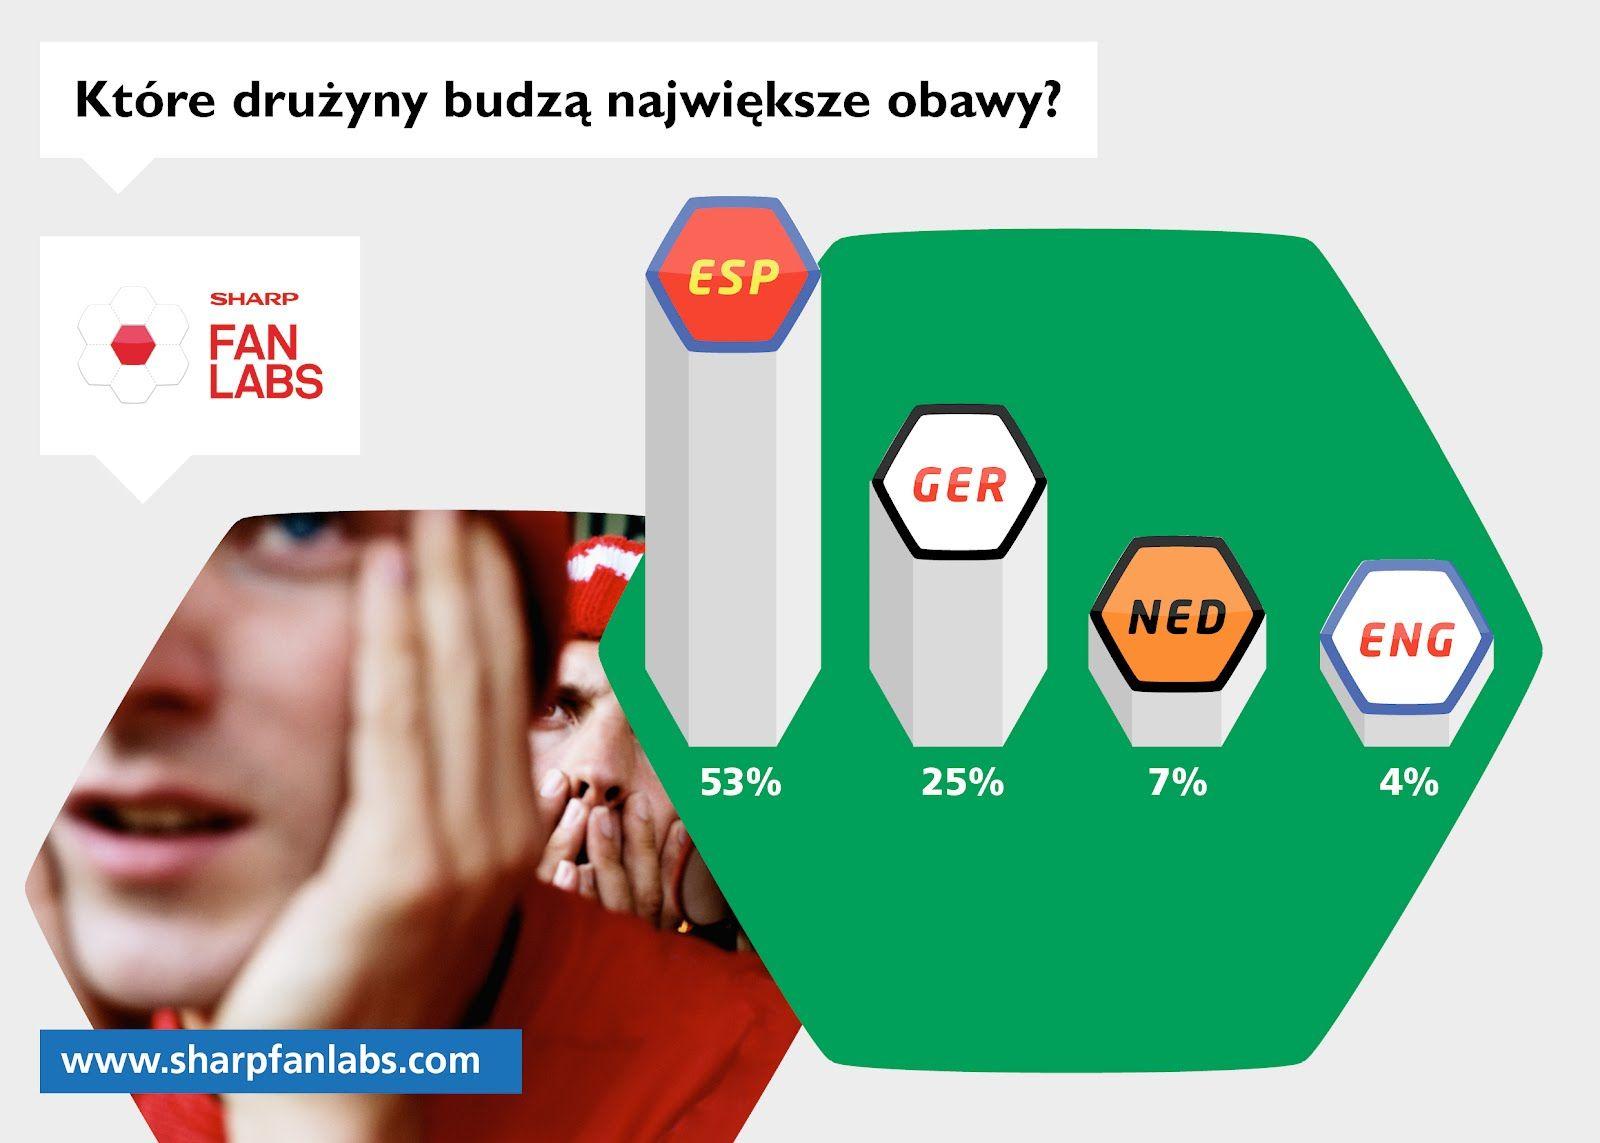 Najgroźniejszym zespołem nadchodzących mistrzostw są Hiszpanie. Tak uważa ponad połowa wszystkich badanych! Jednak fani z Holandii (67%), Danii (46%), Polski (47%), Portugalii (47%) i Szwecji (45%) bardziej obawiają się drużyny Niemiec. Kto według Ciebie byłby najtrudniejszym rywalem dla Biało – Czerwonych? Wypełnij nasz test http://bit.ly/IqX1pA !